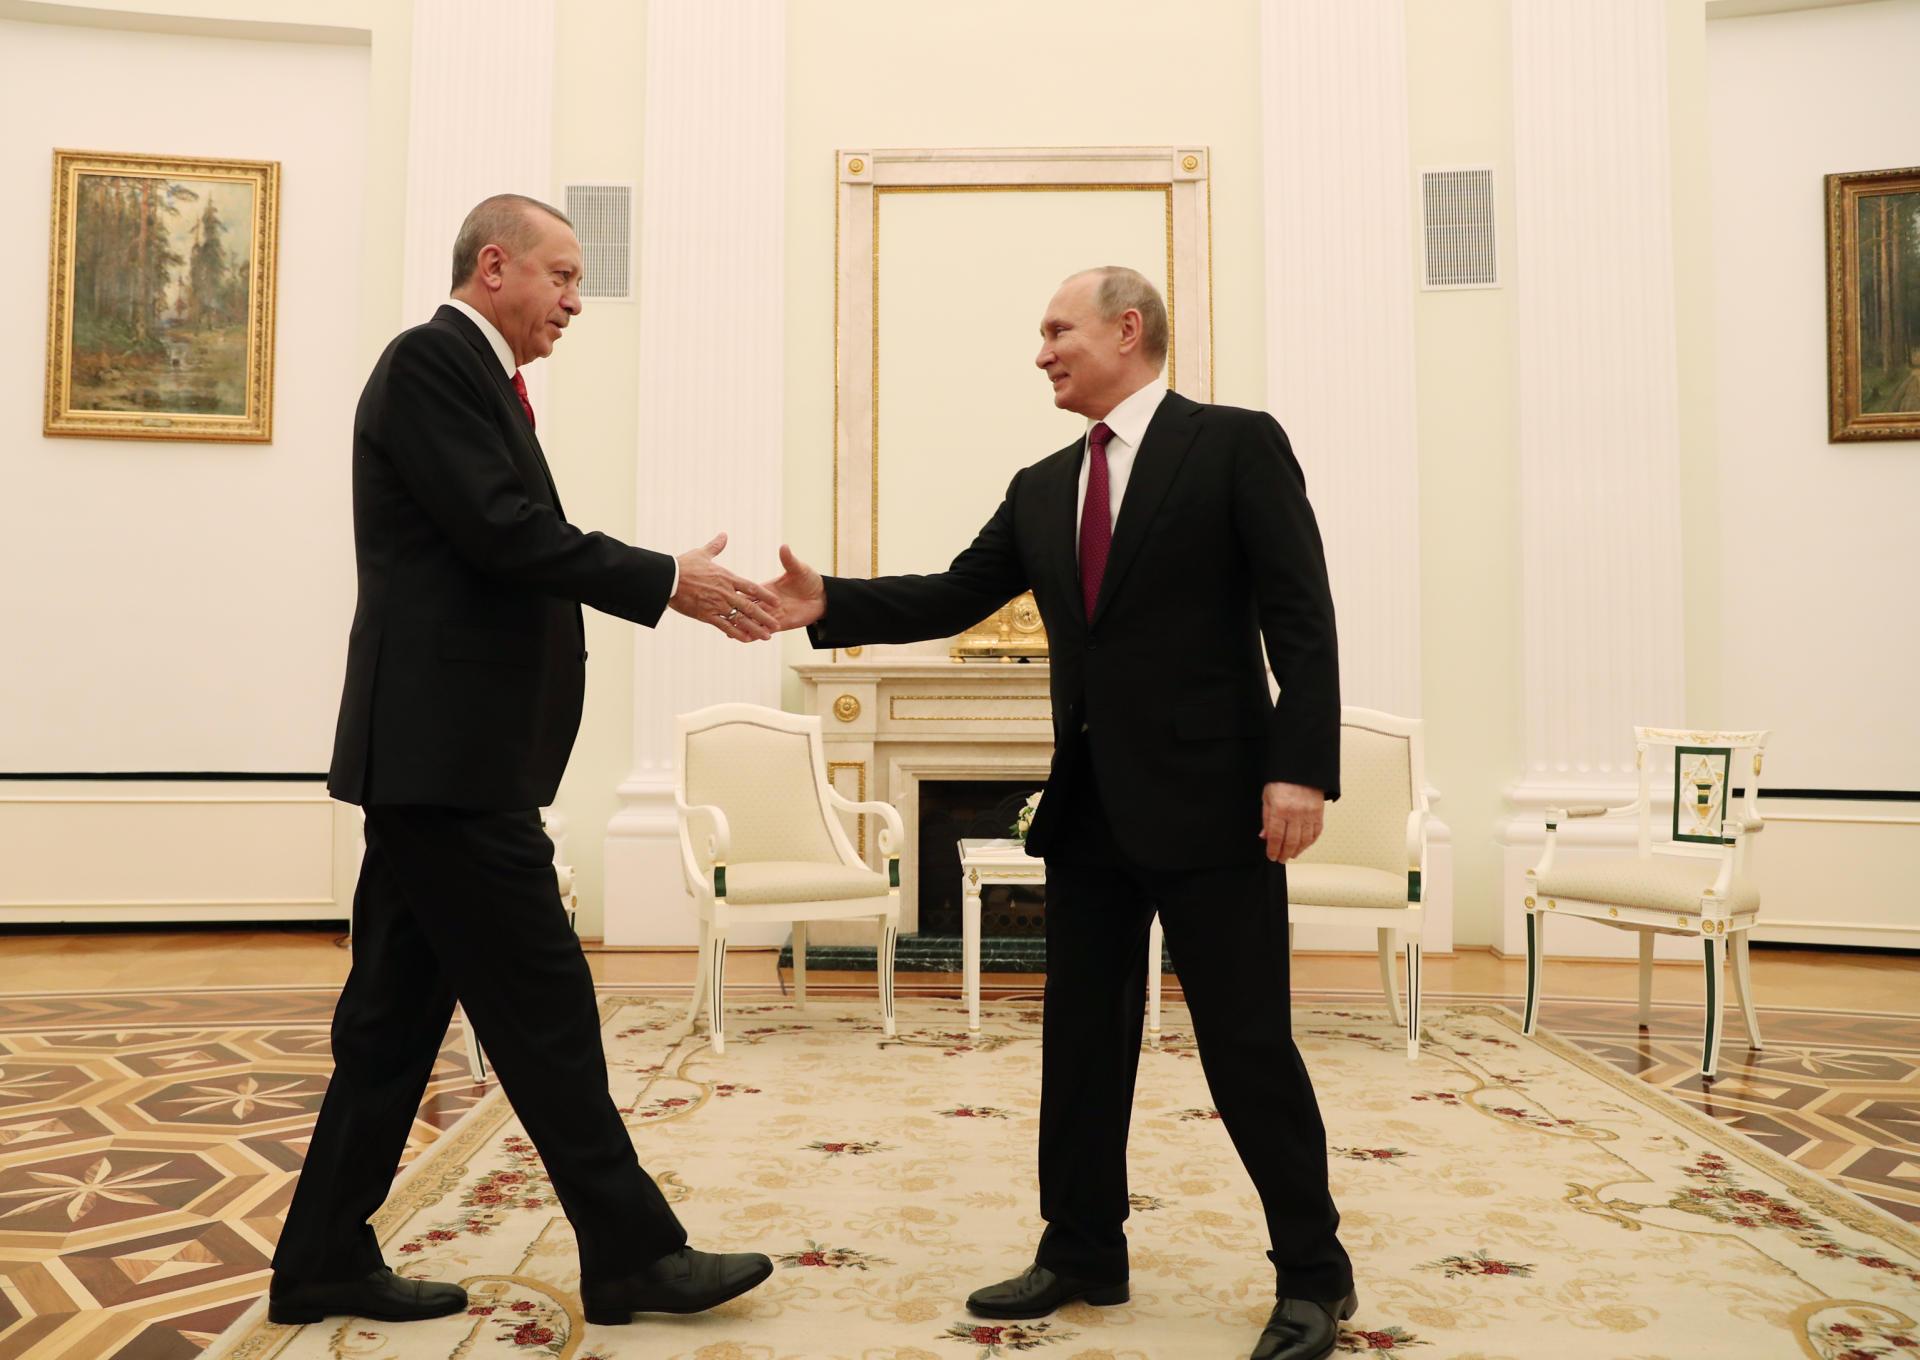 Müharibə riski: Ərdoğan və Putin çıxış yolu tapır - Rus ekspert